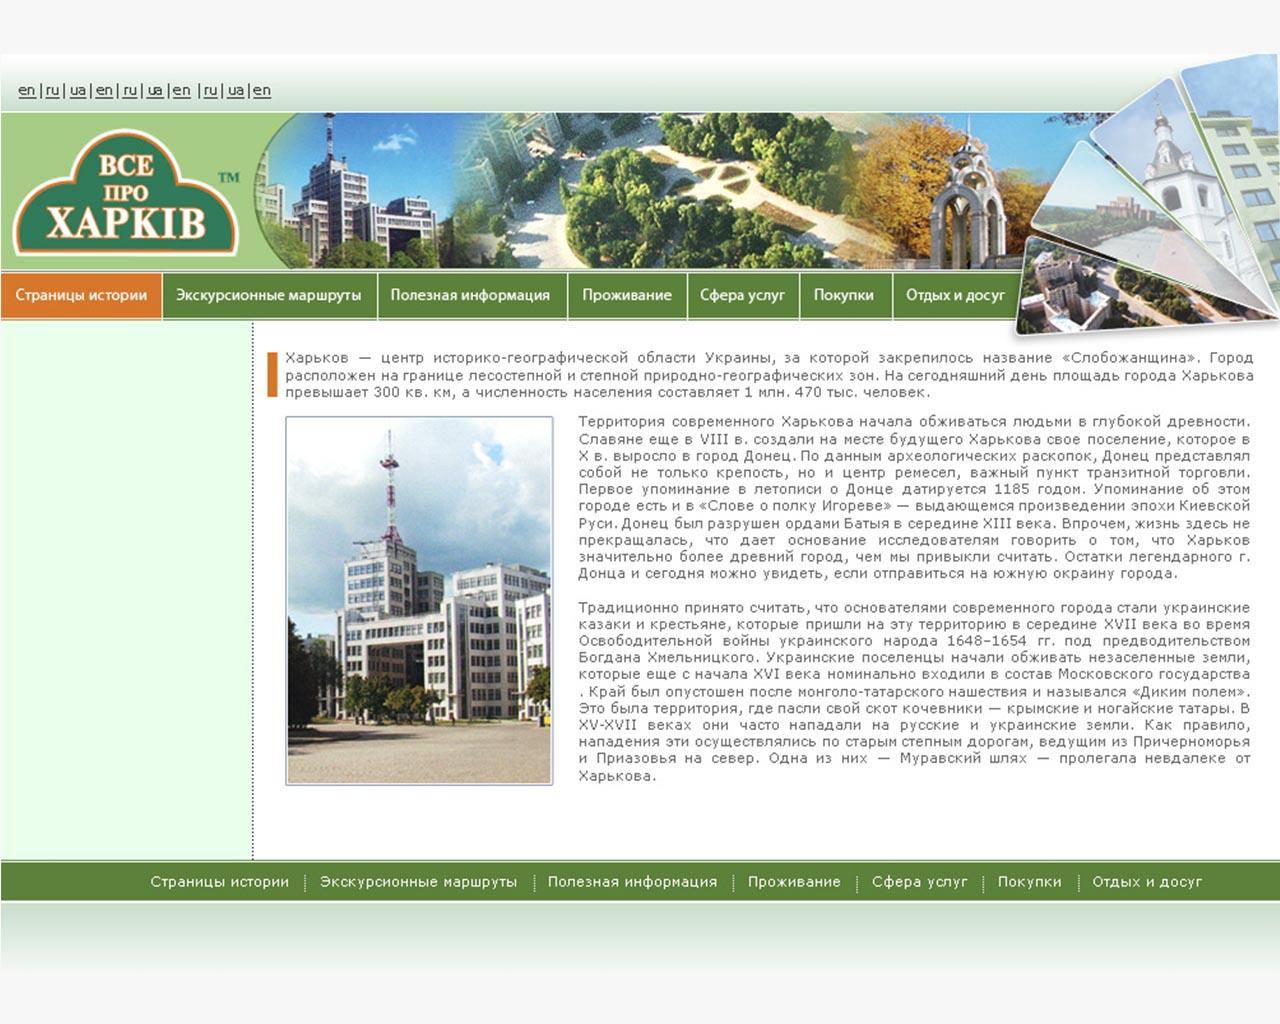 Сайт торговой марки «Все про Харків»